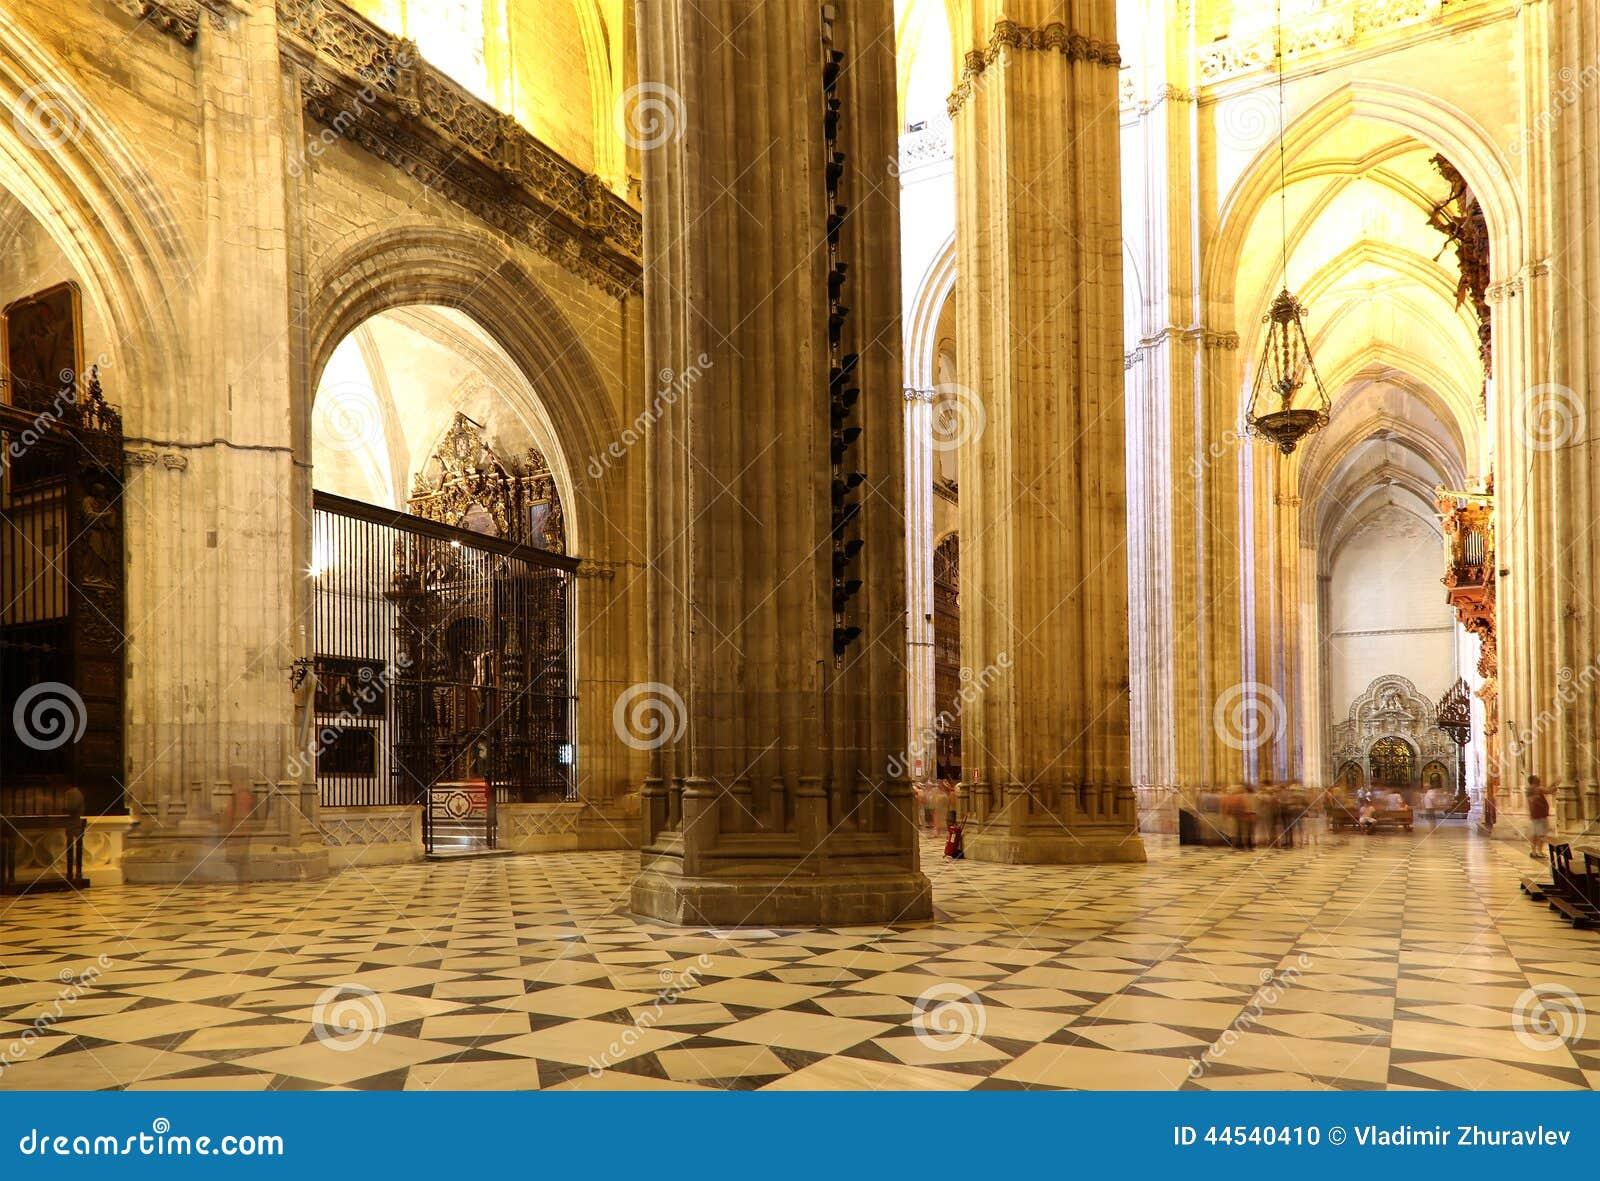 Cathédrale intérieure de Séville -- Cathédrale de St Mary du voir, Andalousie, Espagne